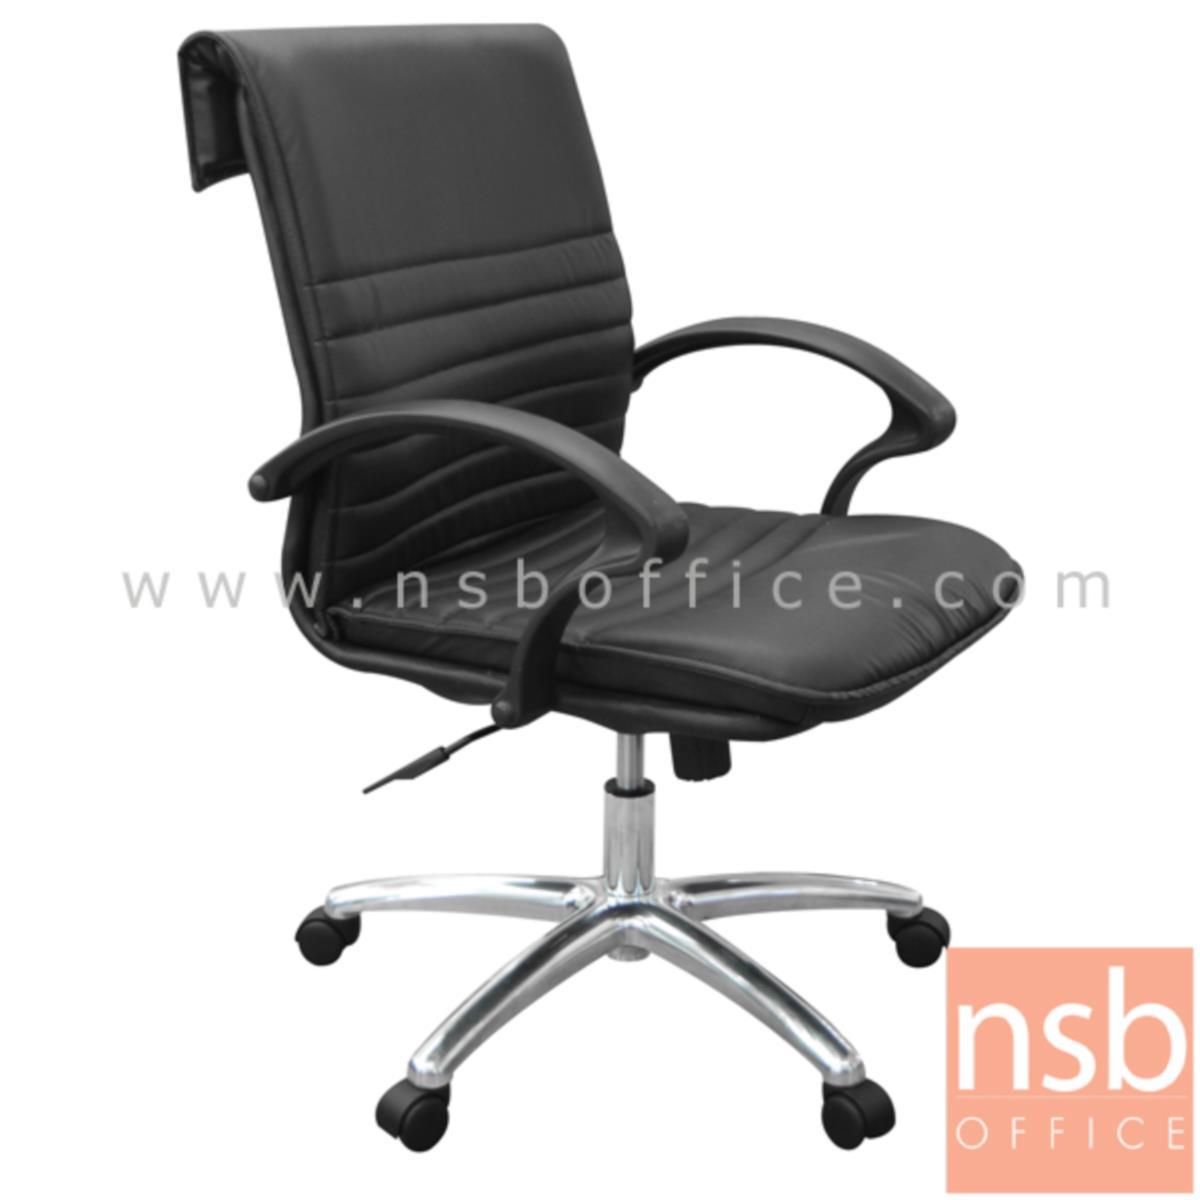 B26A097:เก้าอี้สำนักงาน รุ่น TAXSA-910L  โช๊คแก๊ส มีก้อนโยก ขาอลูมิเนียม